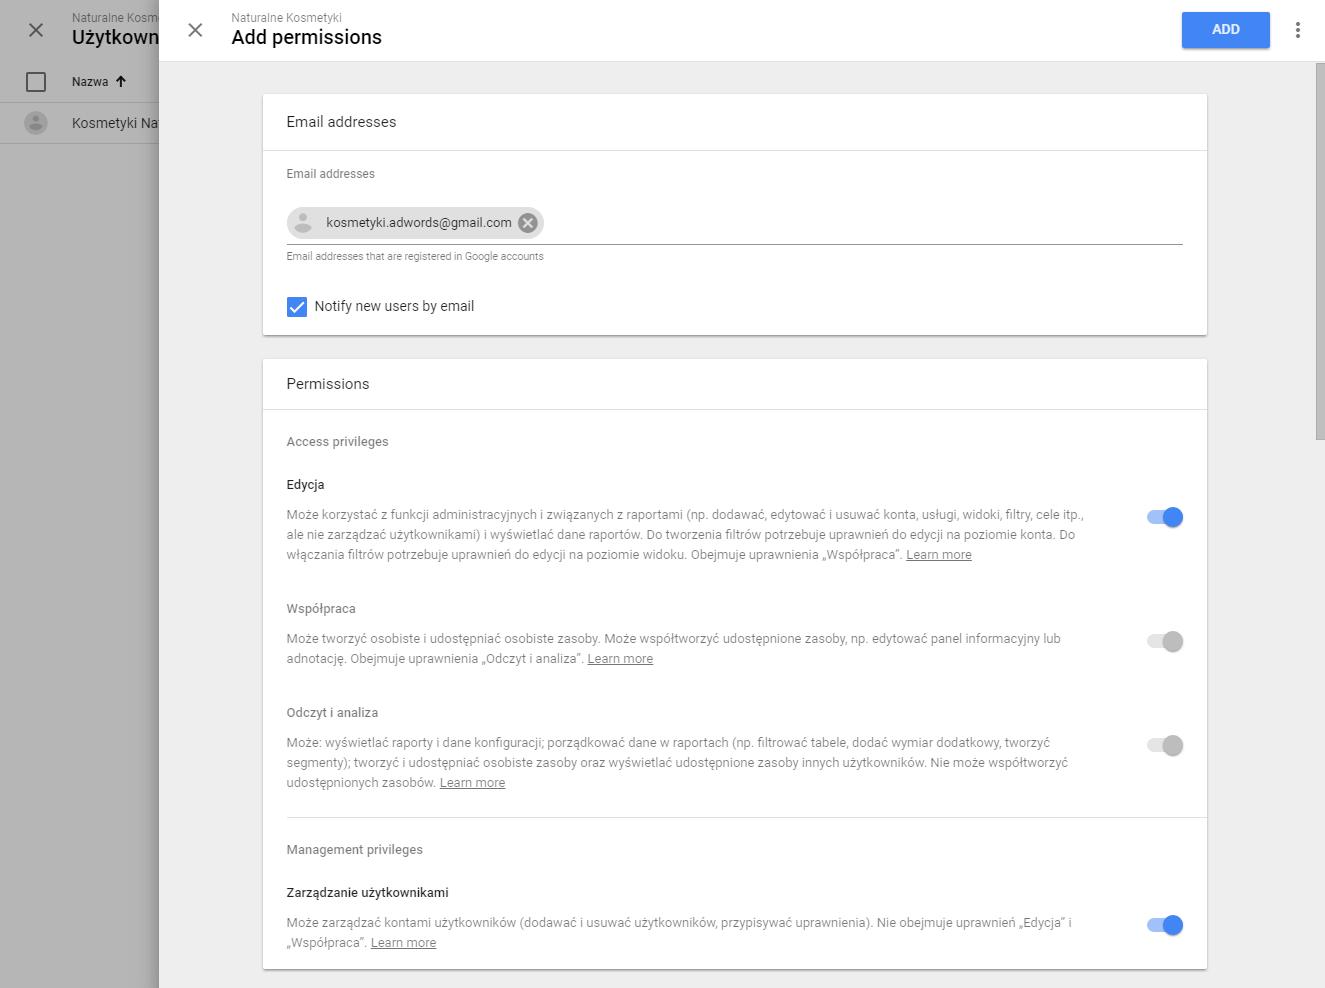 Nadanie uprawnień użytkownikowi w Google Analytics